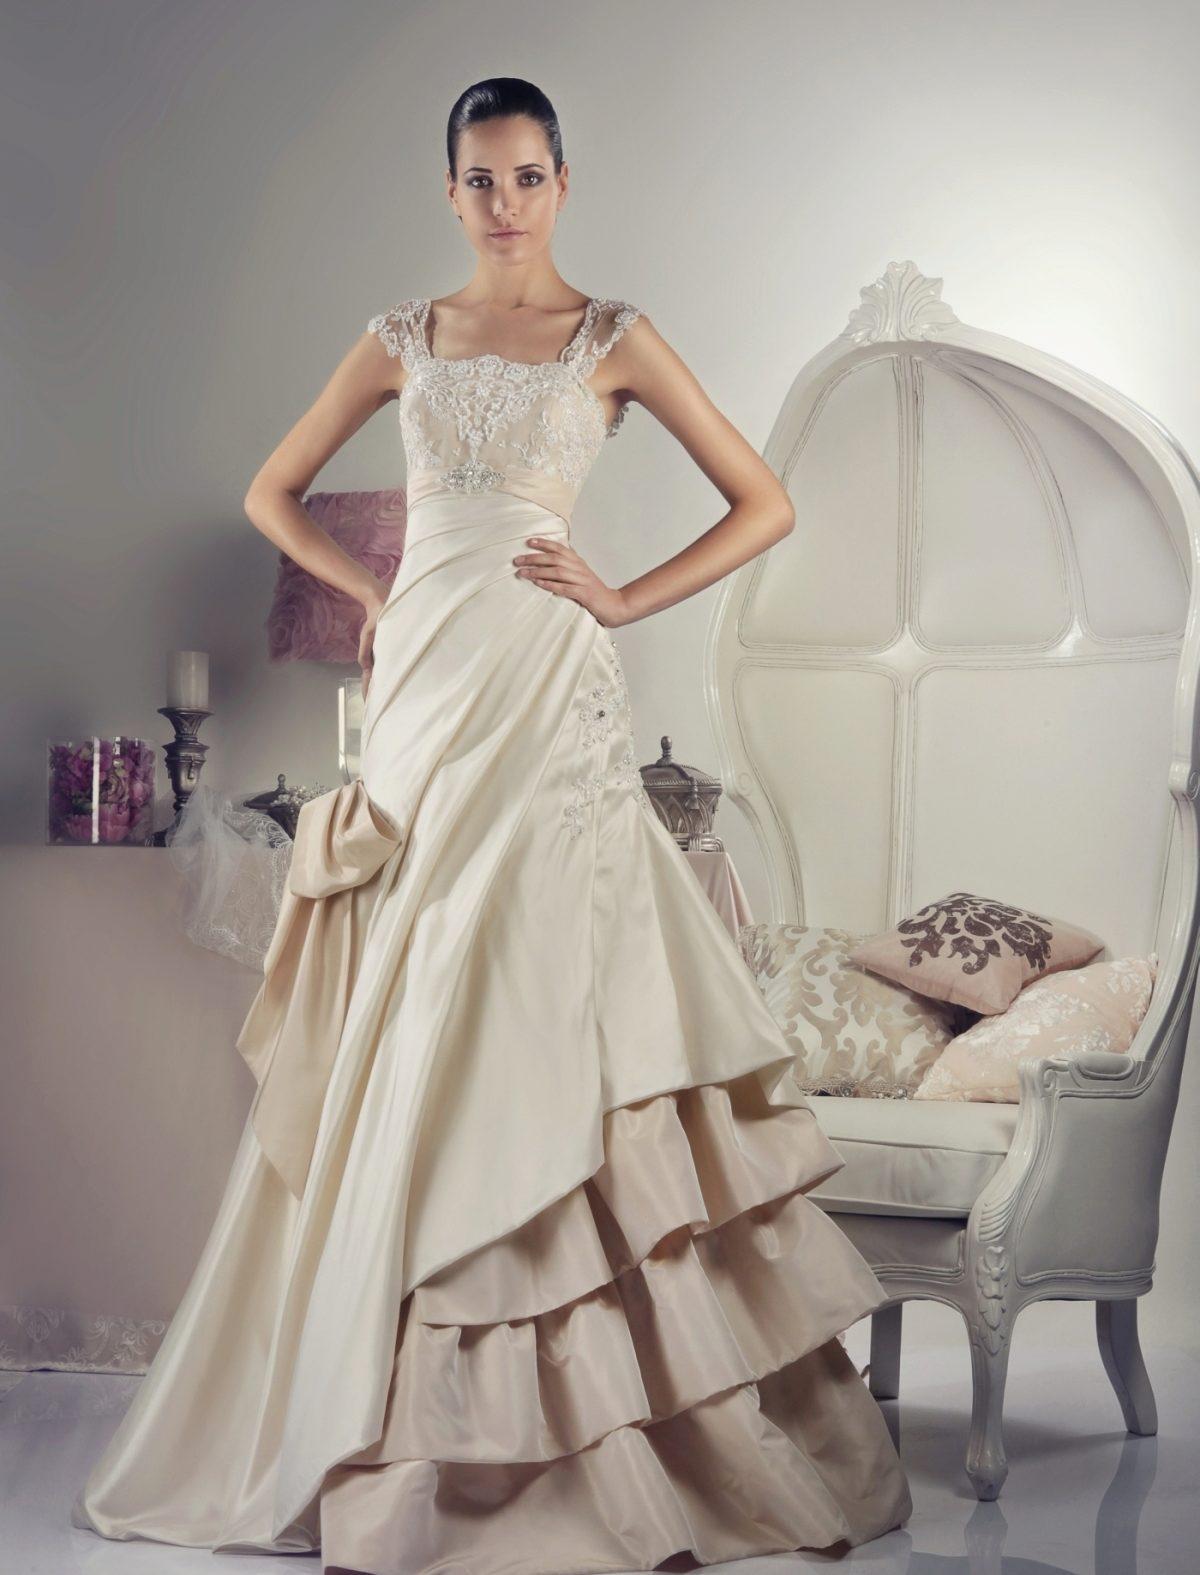 Хочу на весілля дуже дуже пишного плаття допоможіть мені фото 27 фотография